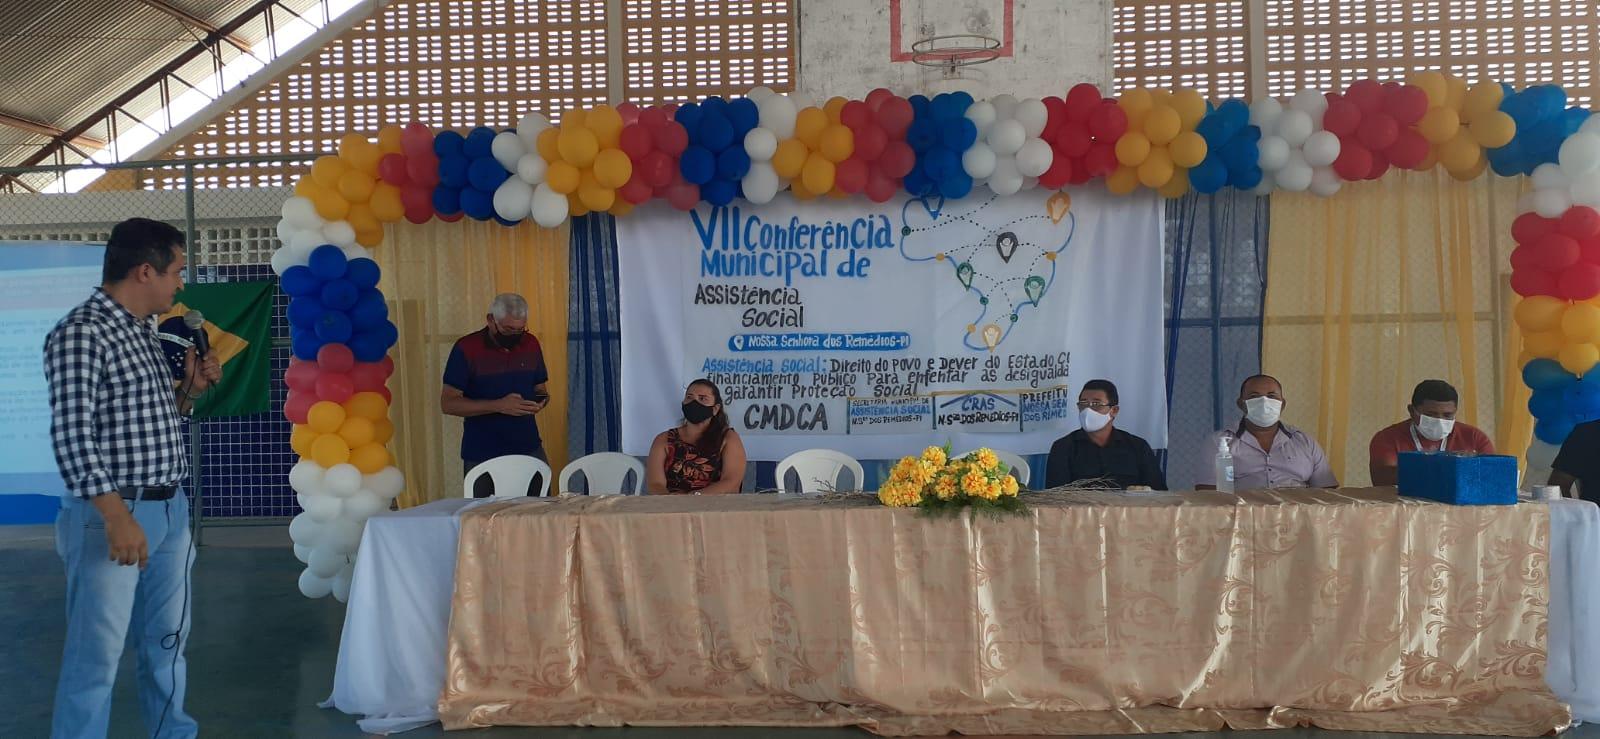 Município de N. S. Remédios realiza VII Conferência de Assistência Social  - Imagem 8